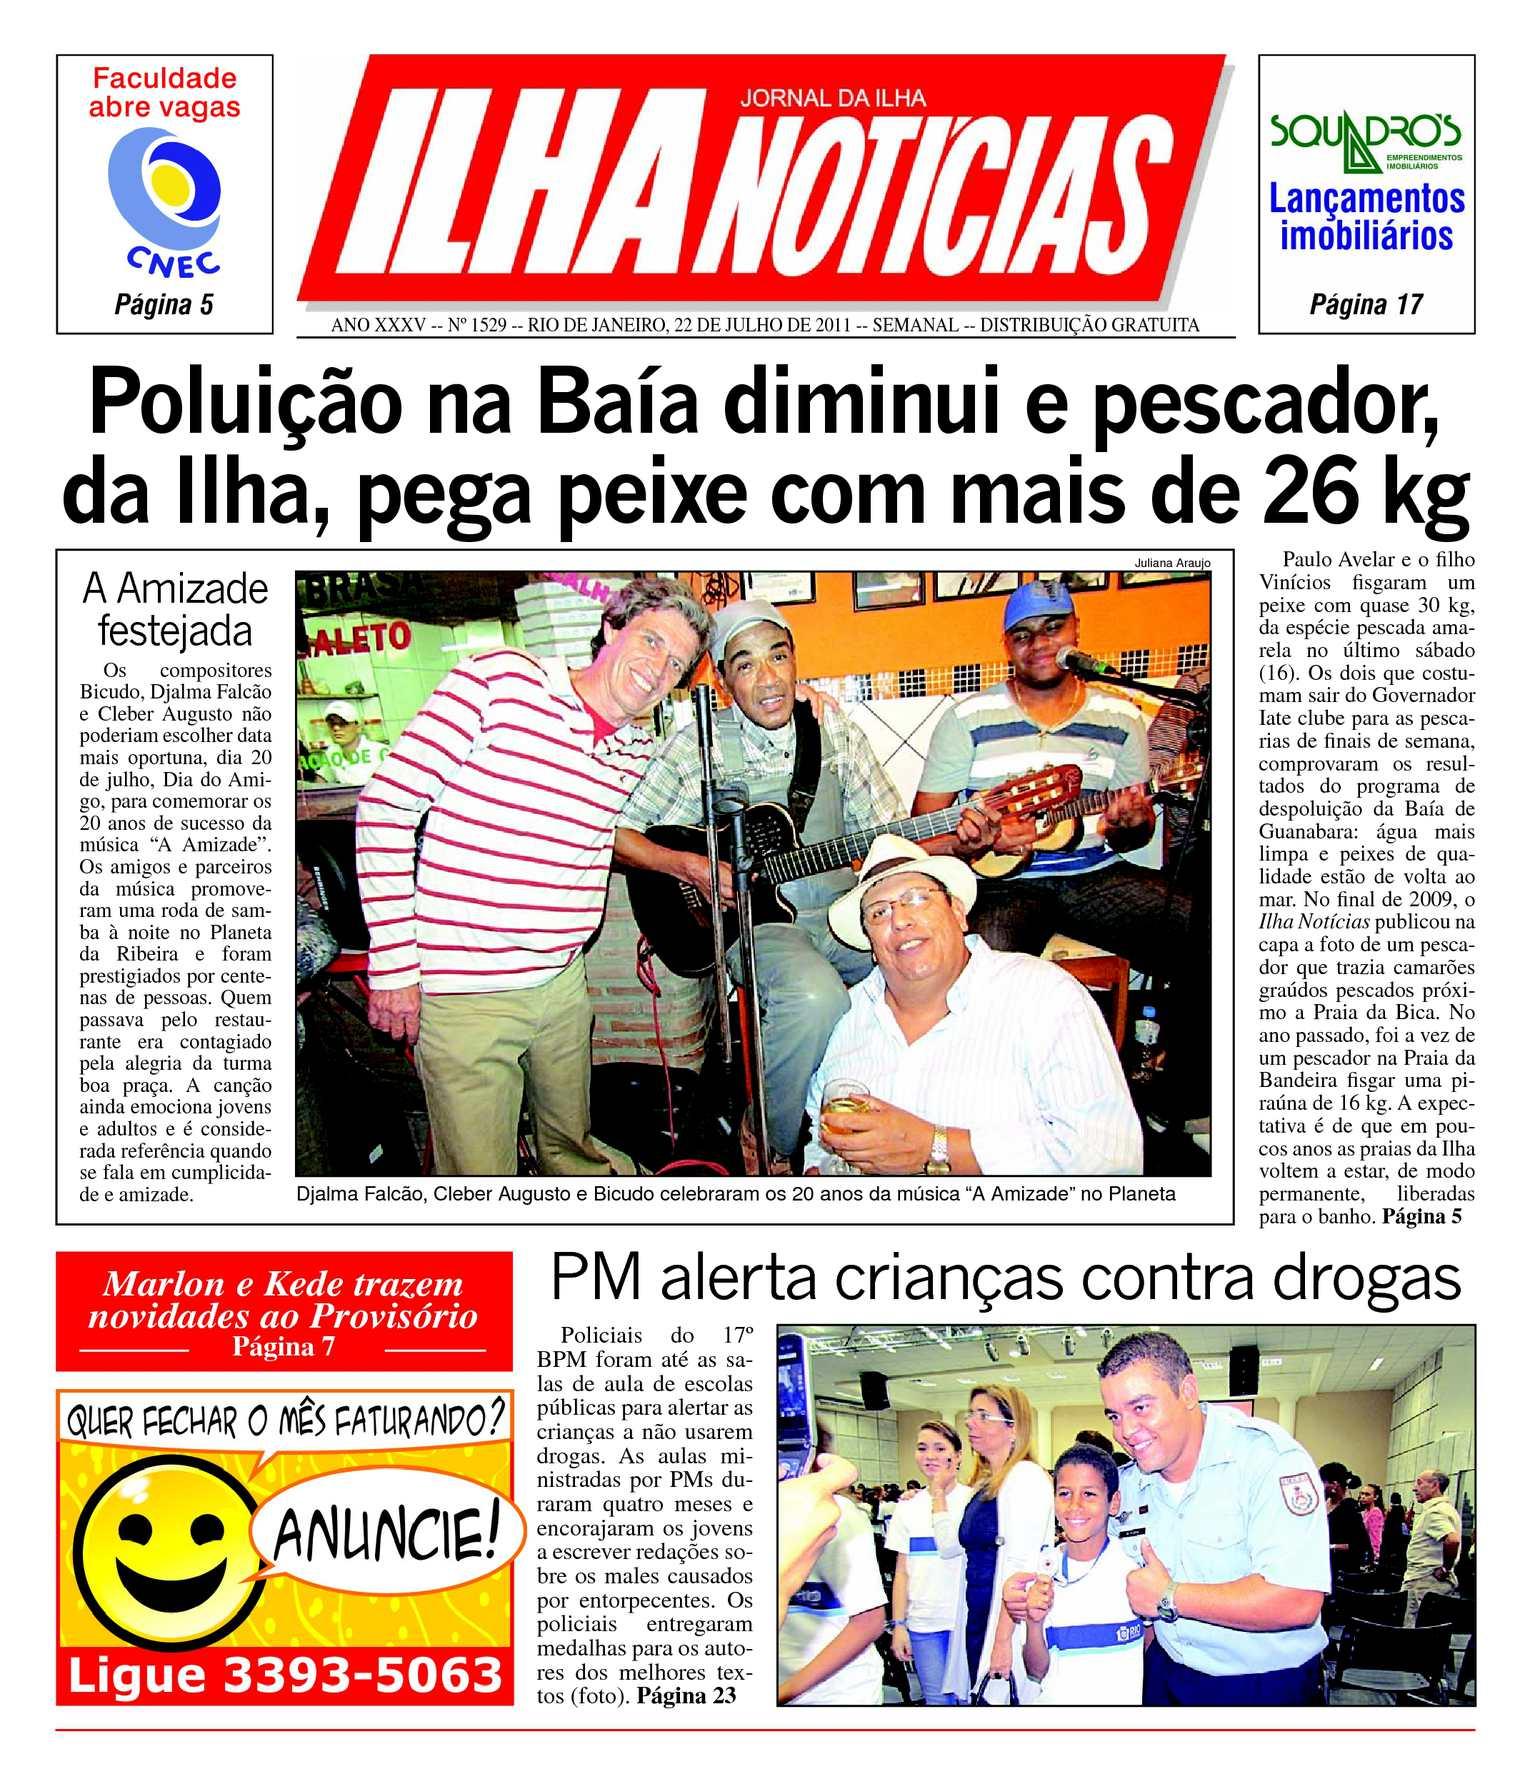 6705b45a4a5 Calaméo - Jornal Ilha Notícias - Edição 1529 - 22 07 2011